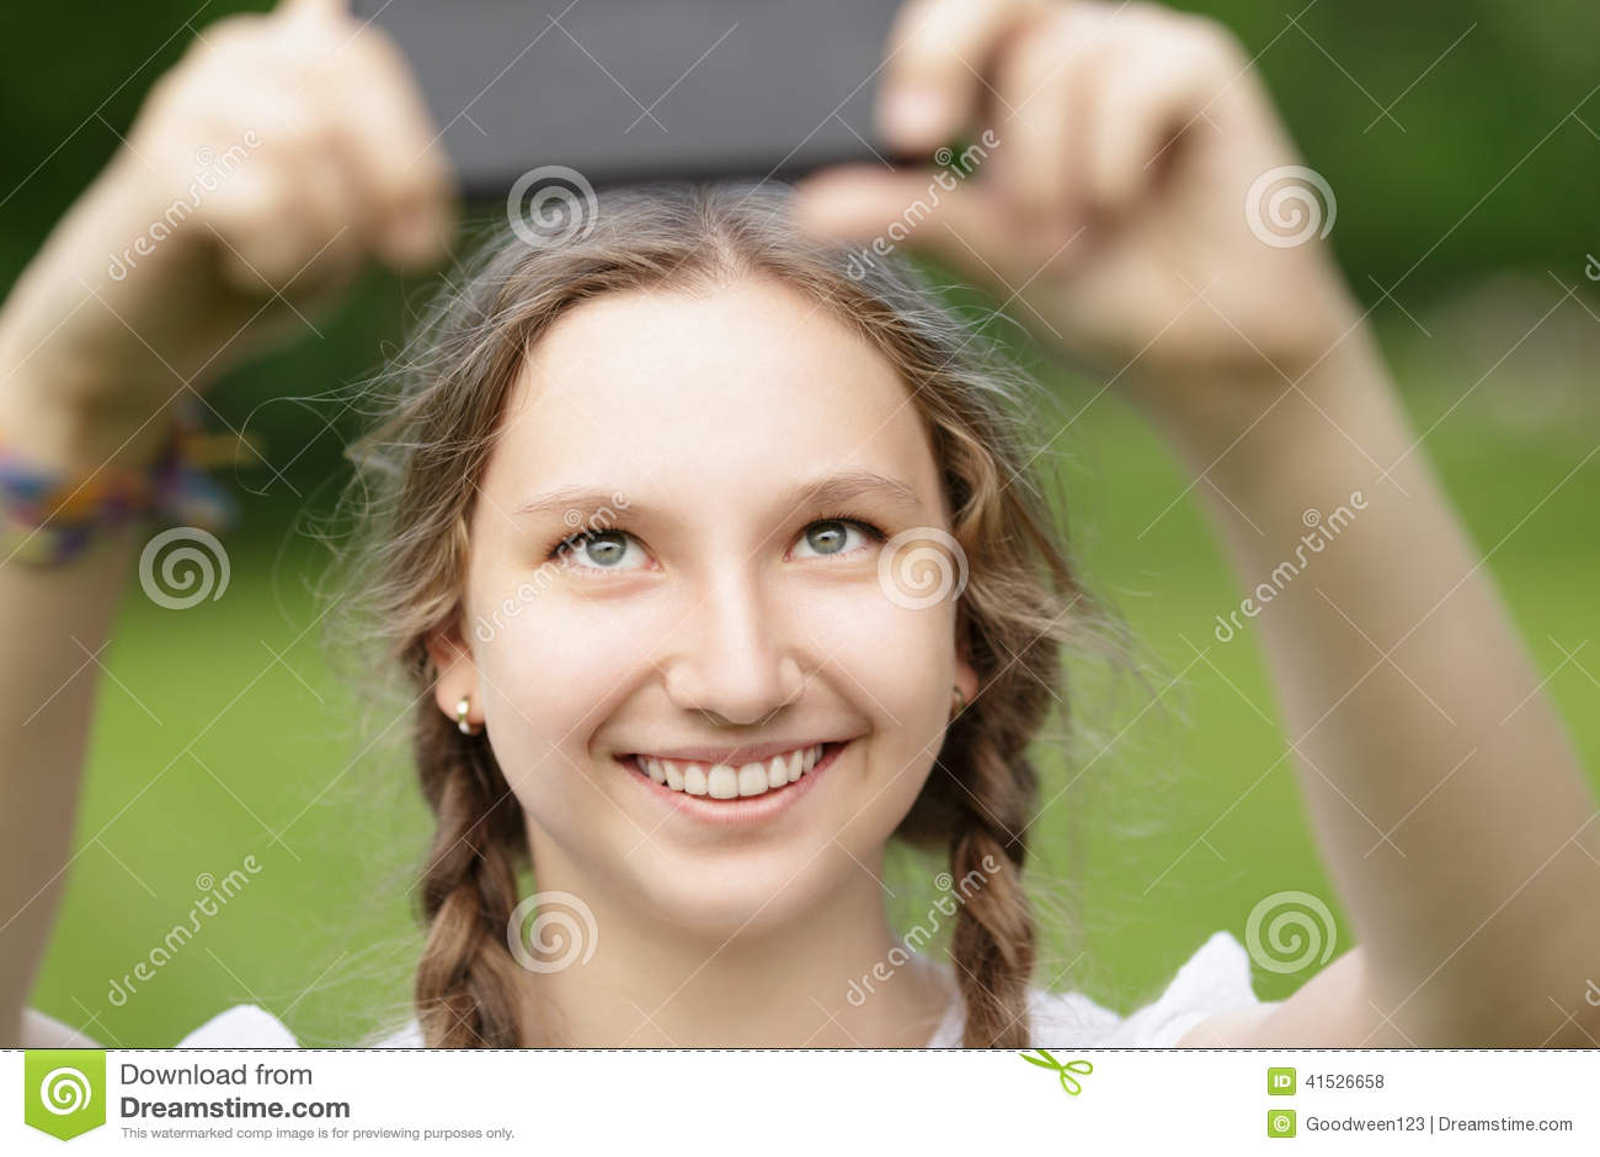 Снимает себя на мобильник 8 фотография